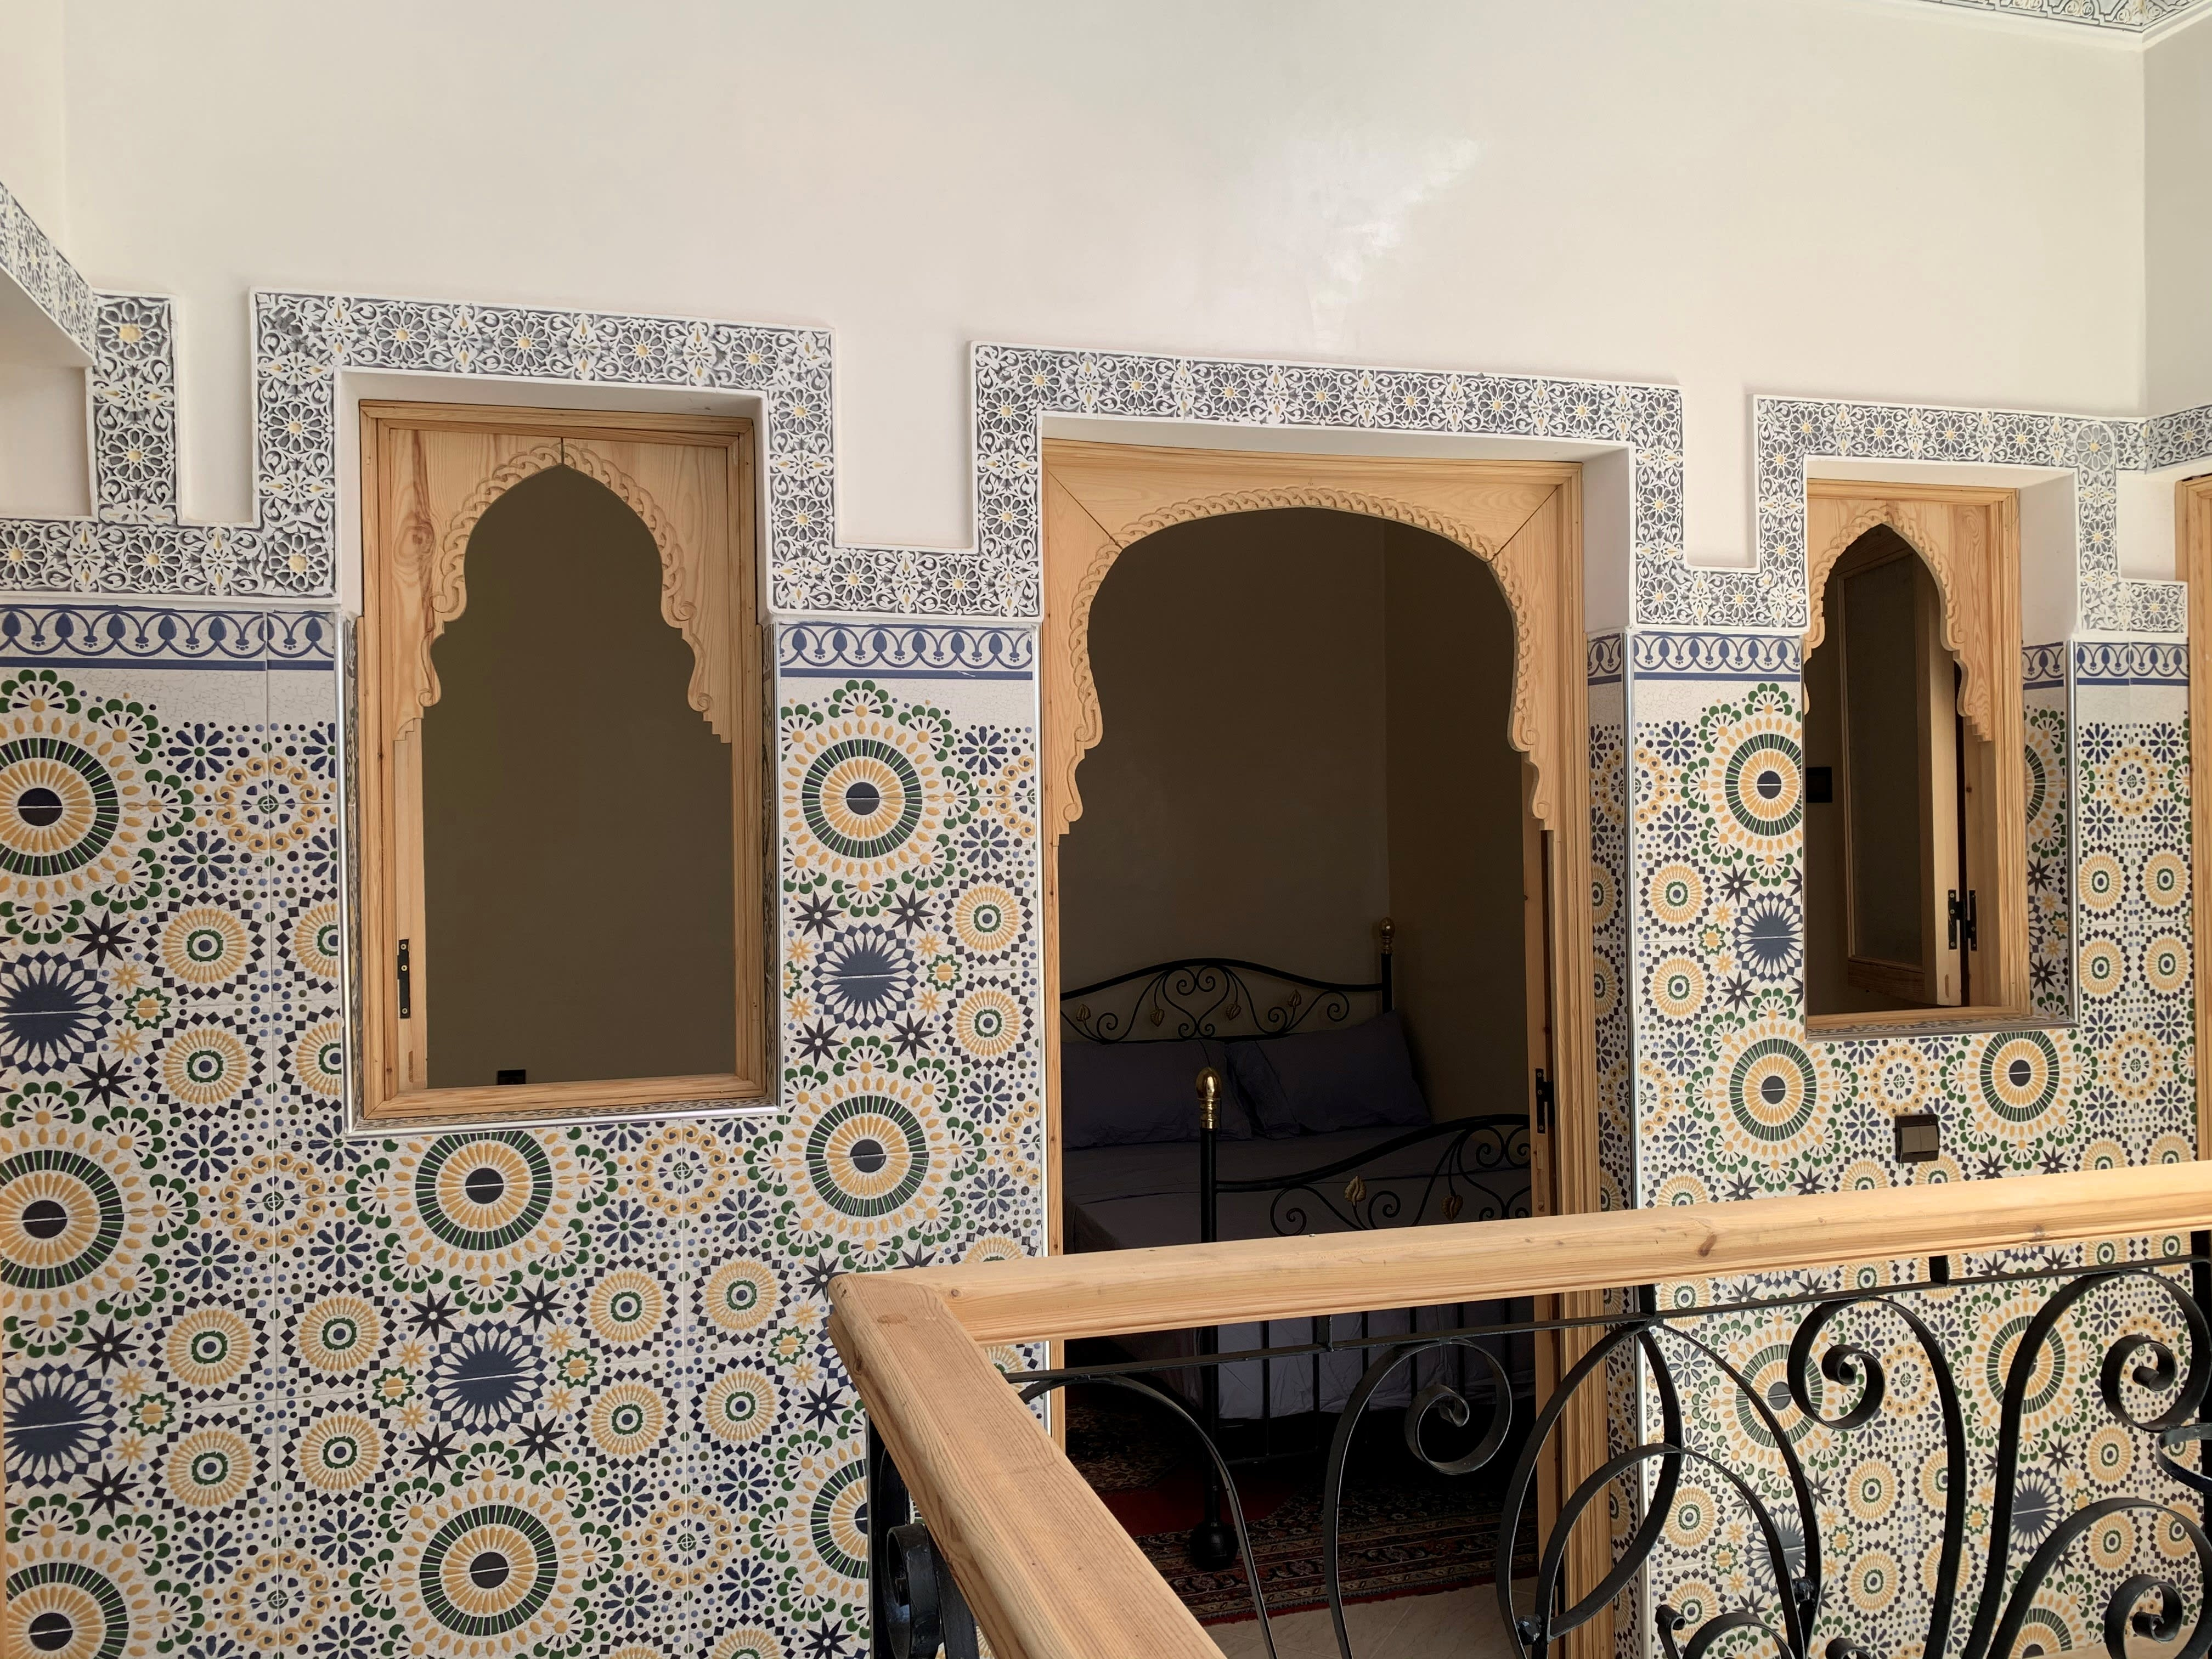 HOSTEL - Isra Hostel 88